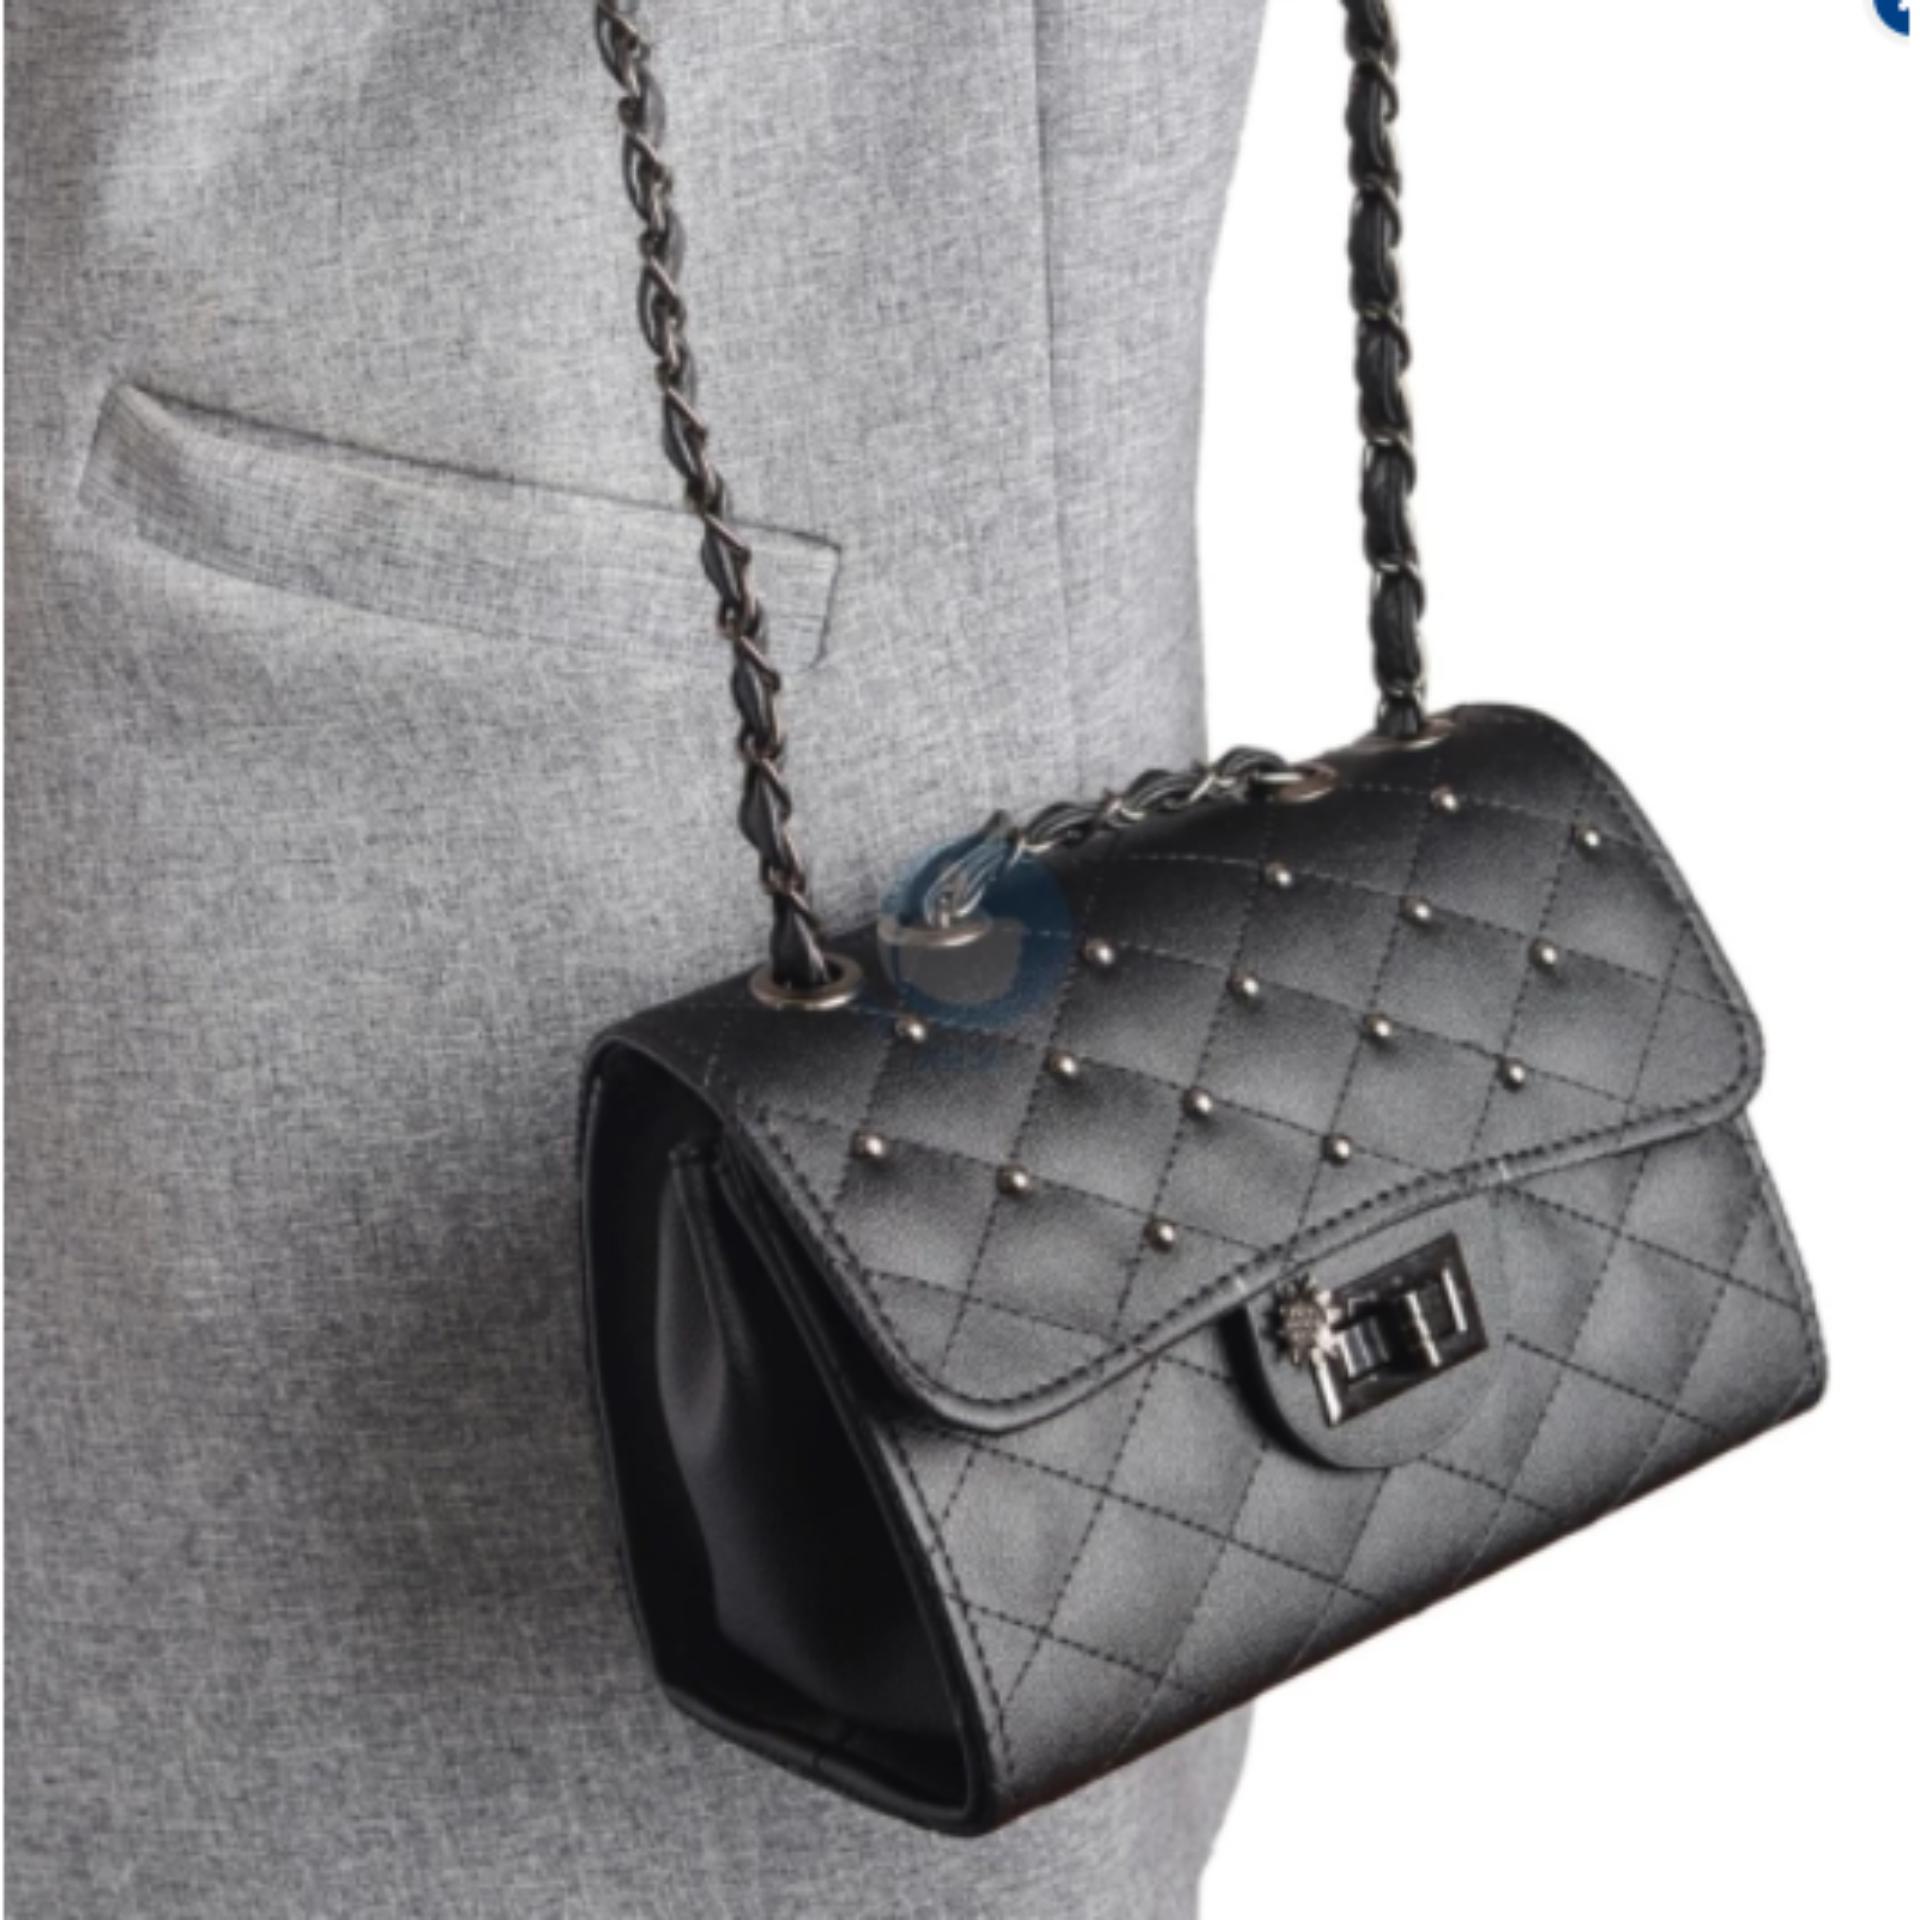 Giá Túi xách đeo chéo nữ khóa xoay hình hoa verygood MS4 – màu đen